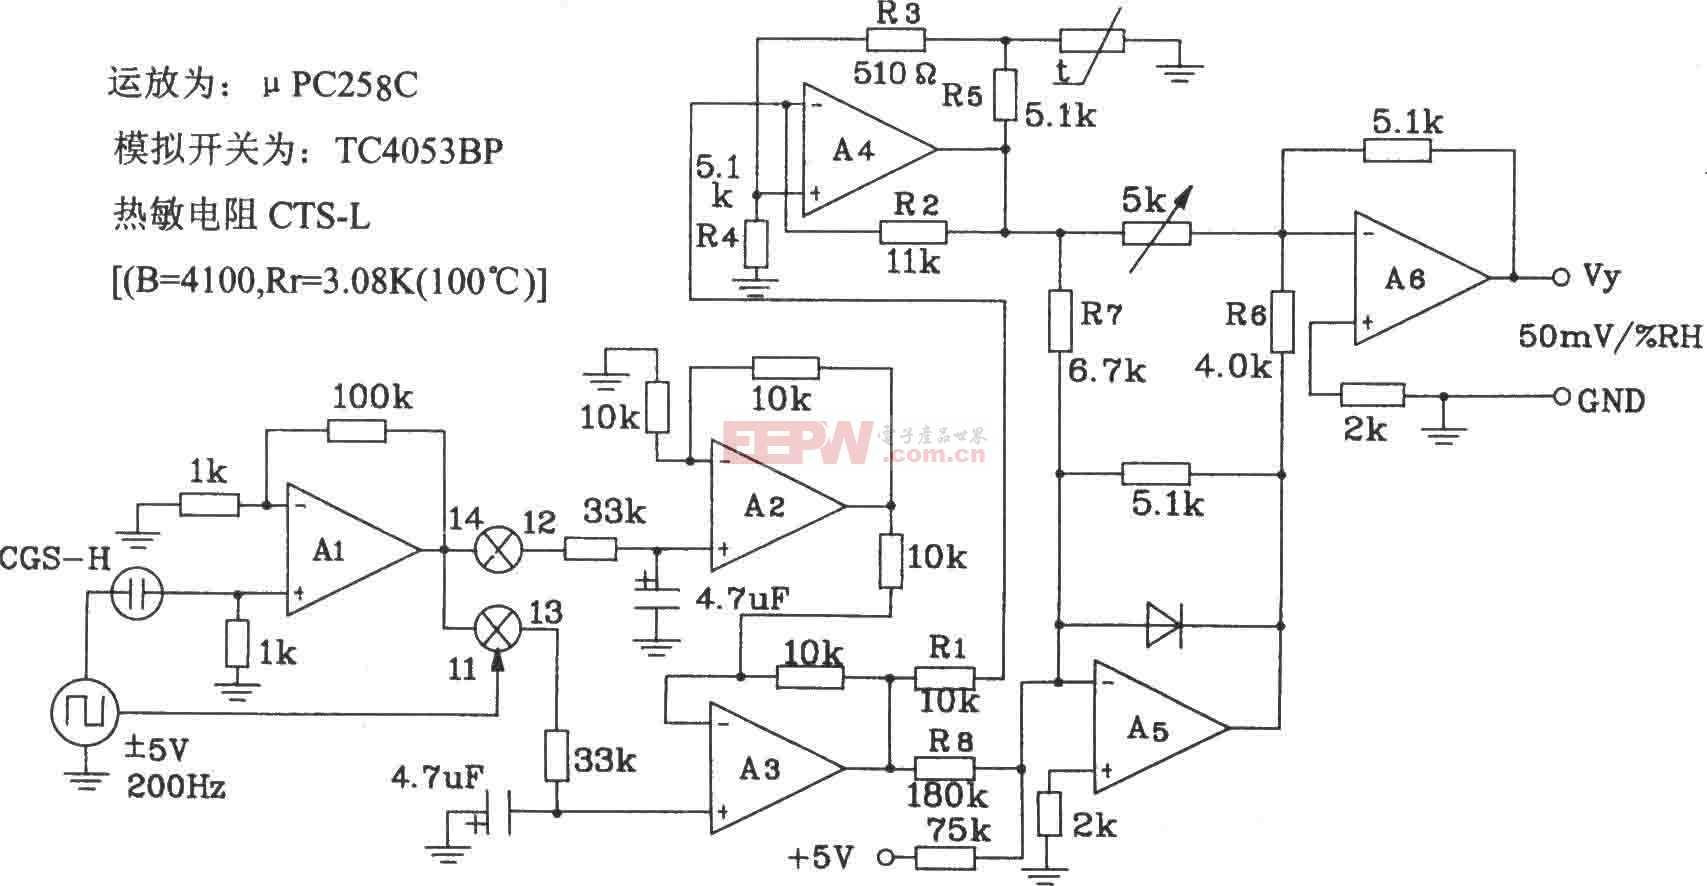 CGS-H型陶瓷湿度传感器构成的低湿度检测电路图